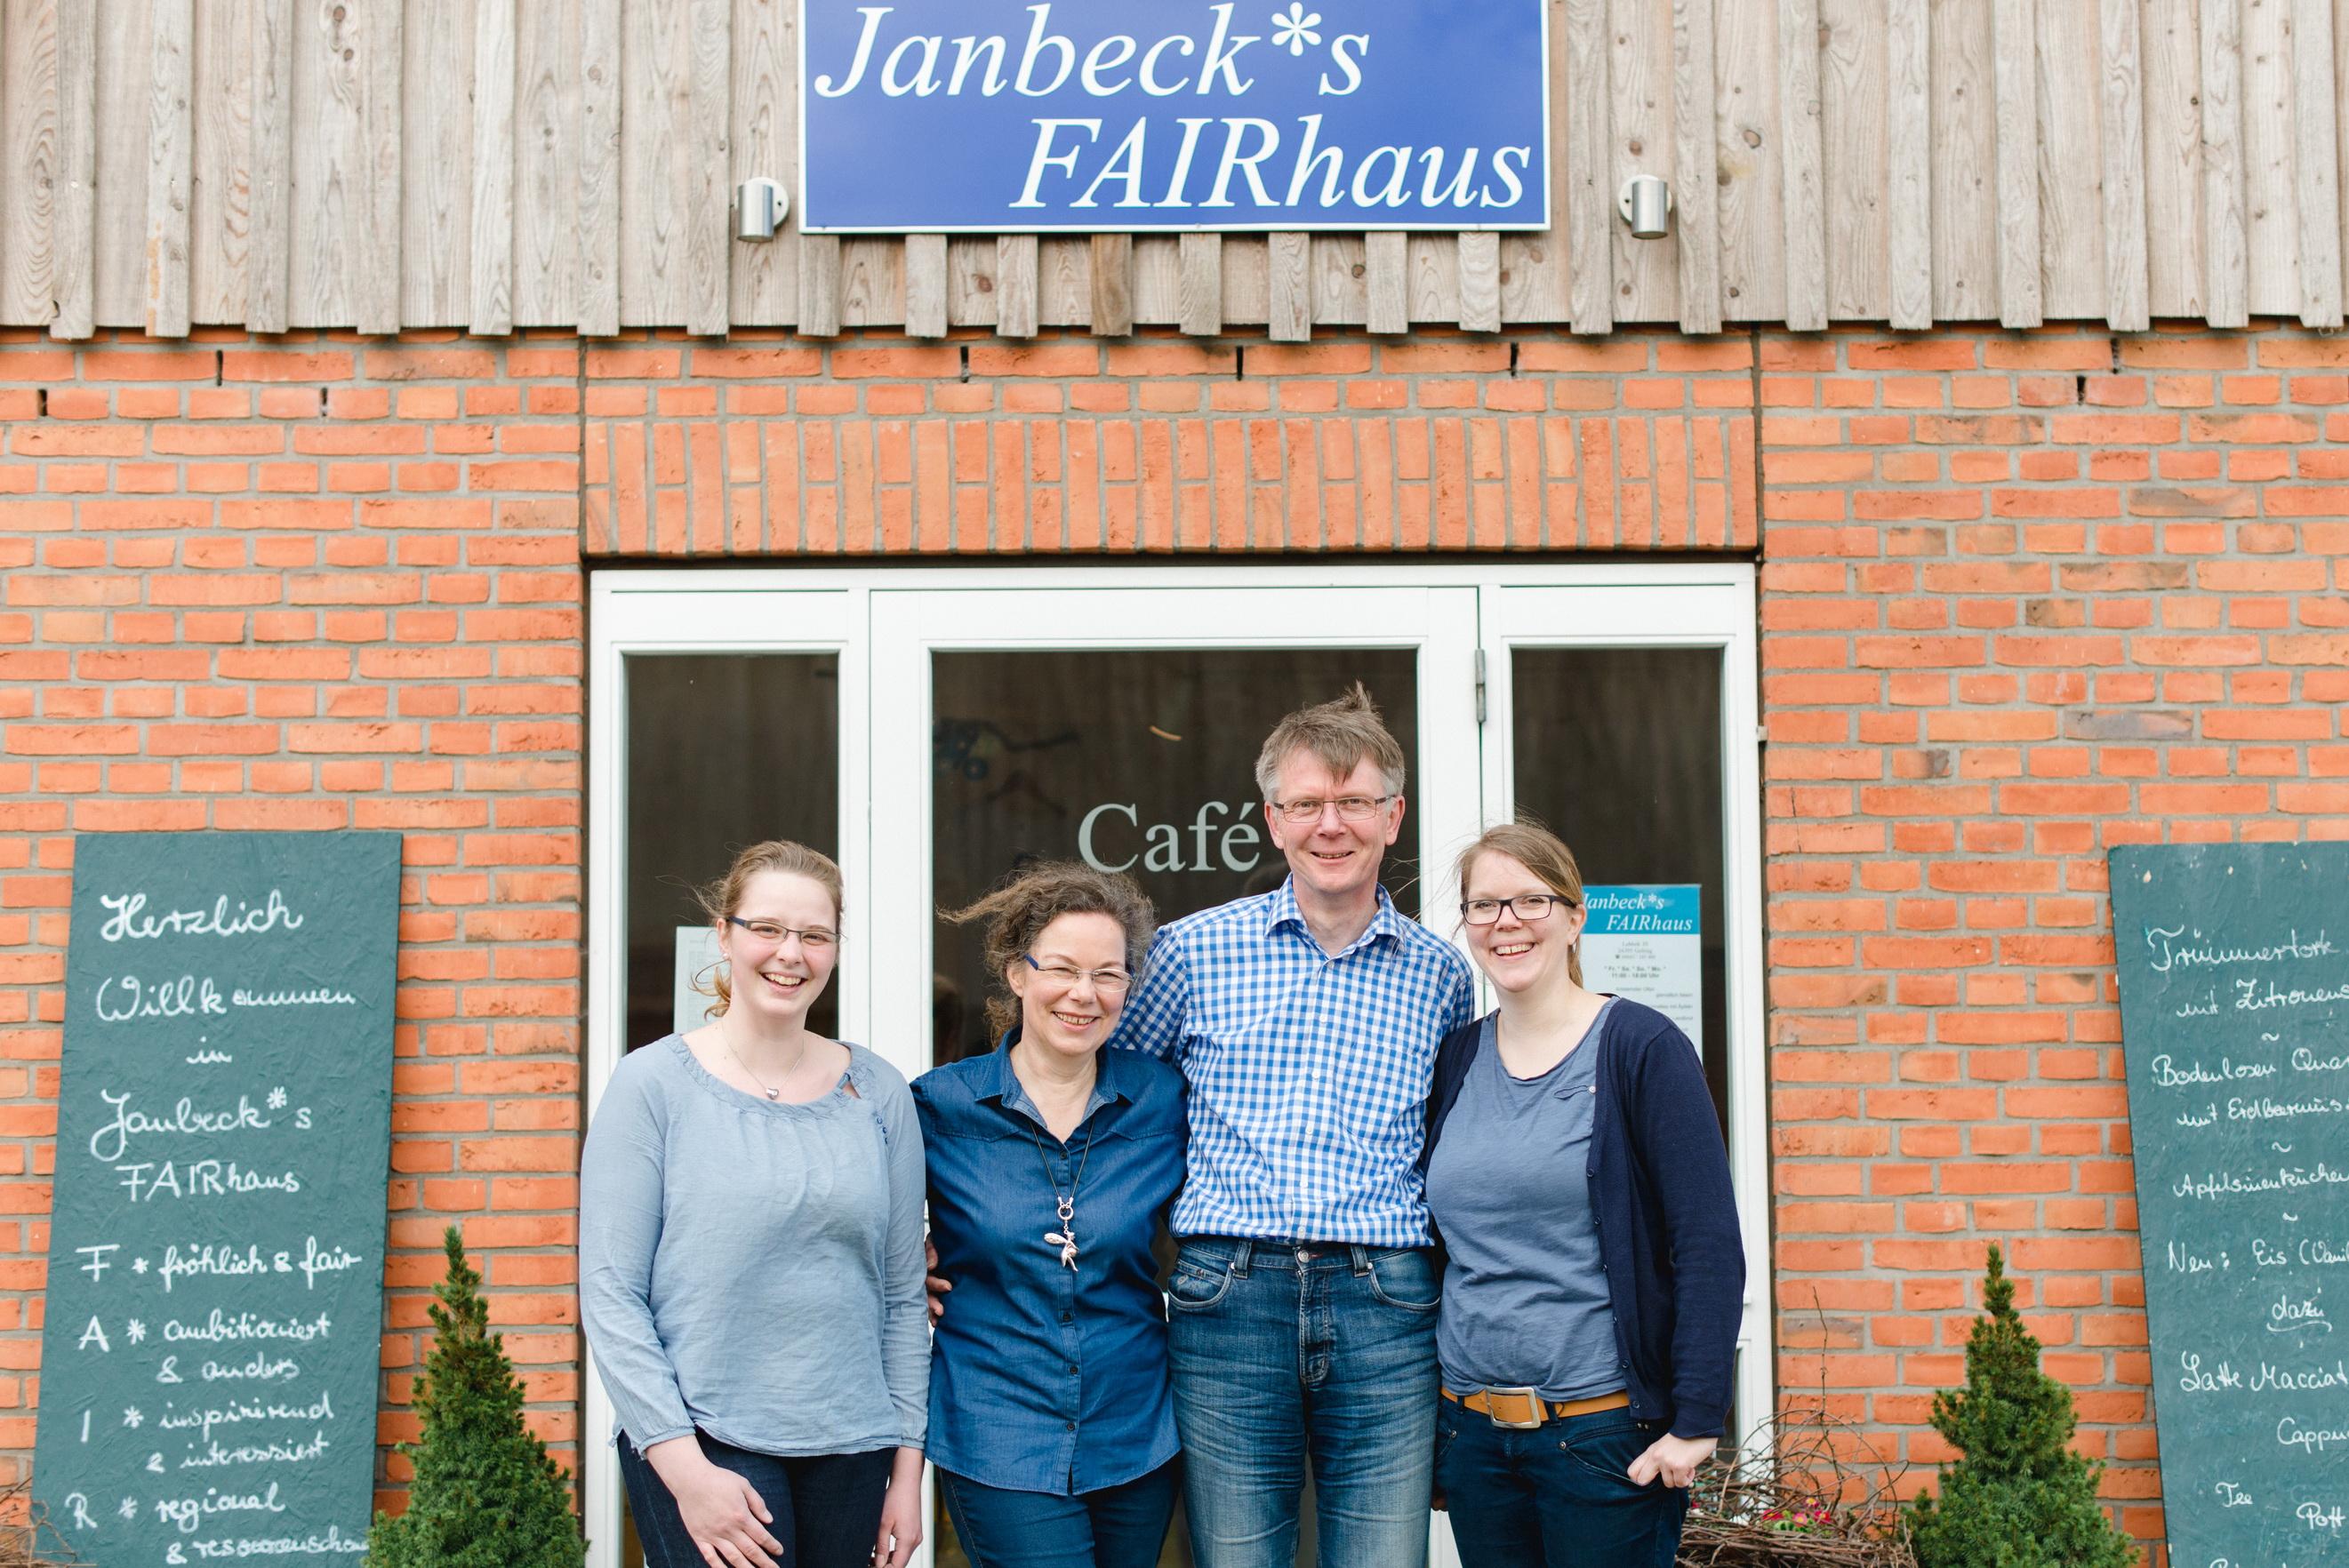 Das Team von Janbeck*s